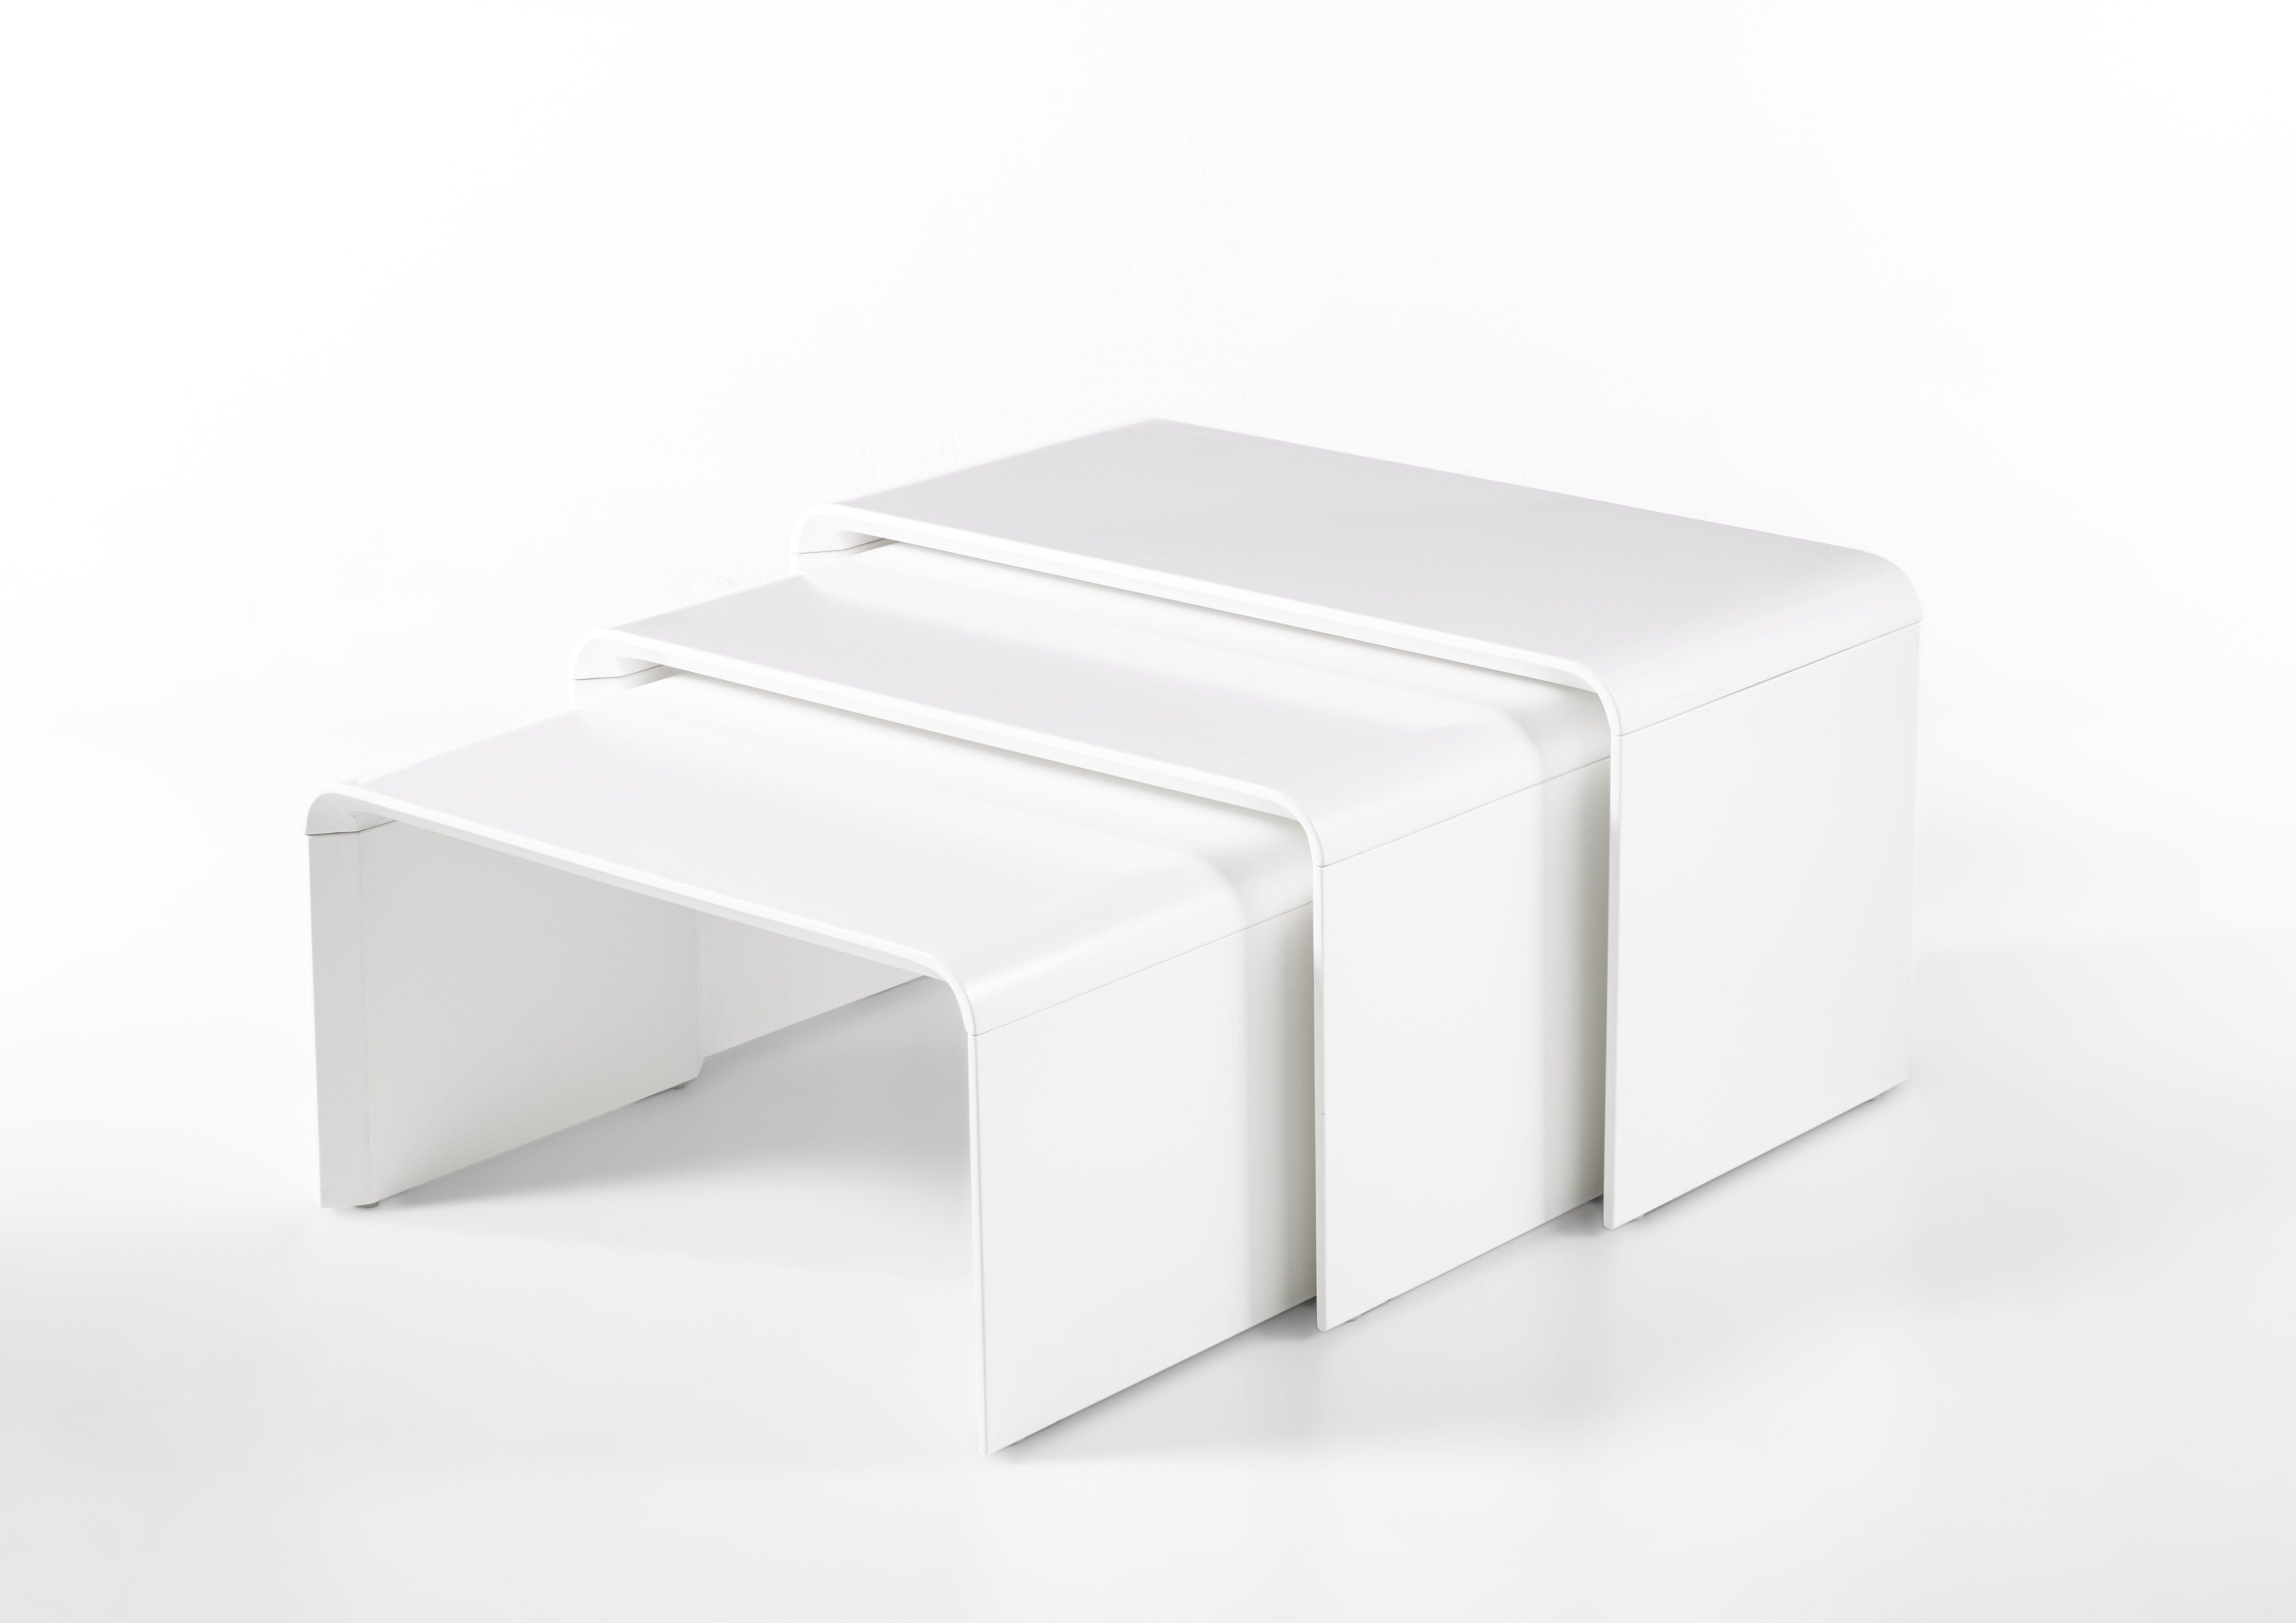 Couchtisch 3er Set Weiss Woody 41 02912 Mdf Modern Jetzt Bestellen